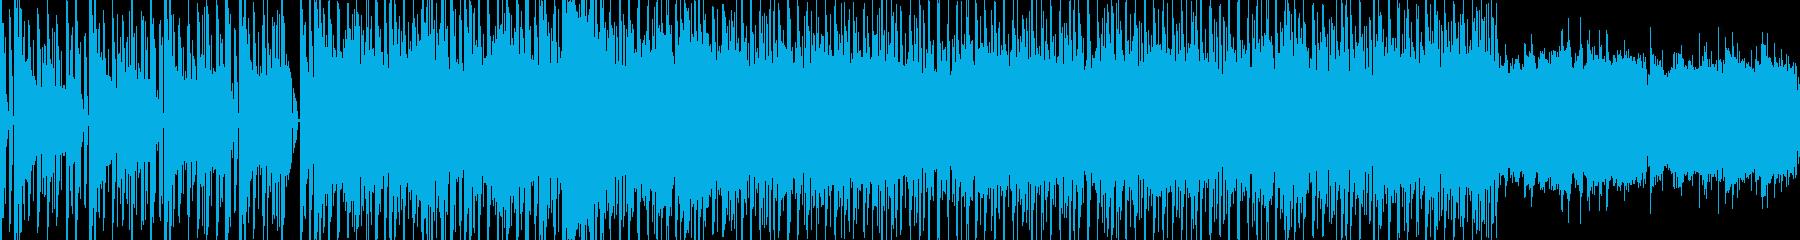 パズルゲームをイメージしたテクノ調の楽曲の再生済みの波形